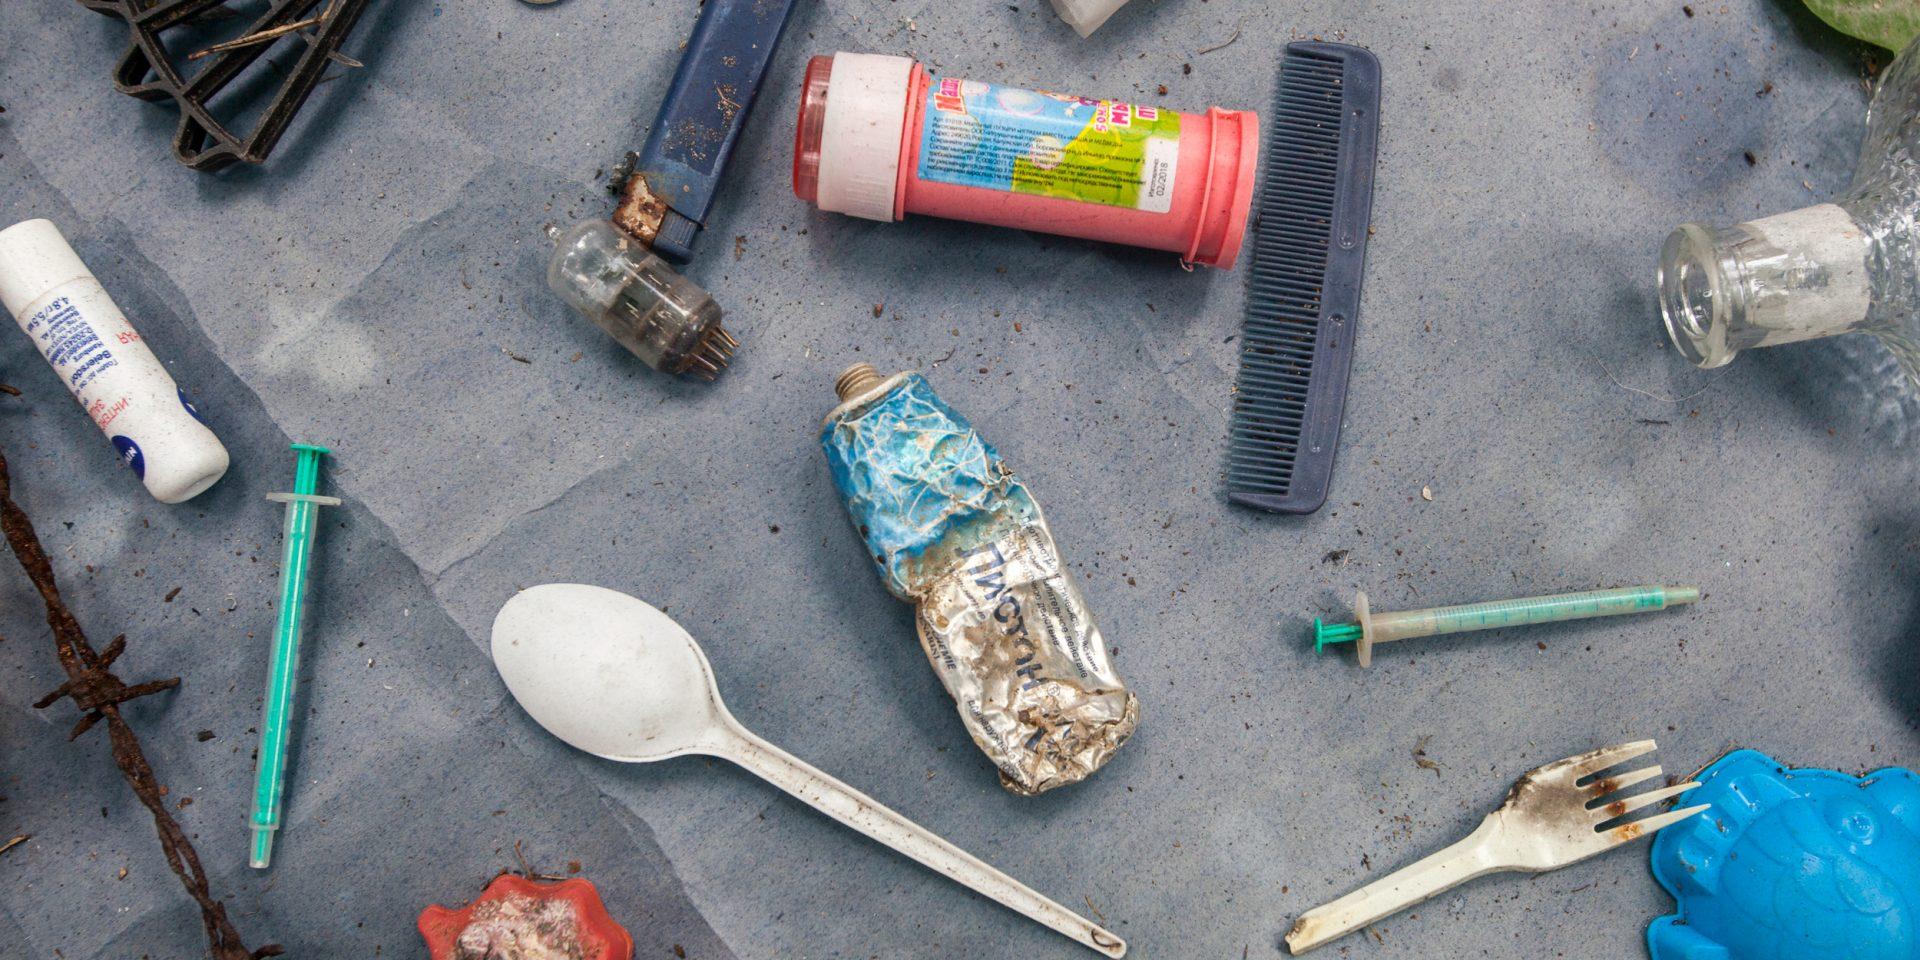 Över 60 länder har infört olika förbud mot plast, i kamp mot miljöförstöring och i jakt mot en renare värld. Bilden ovan visar på skräp som hittades i finsk-ryska nordhavet.